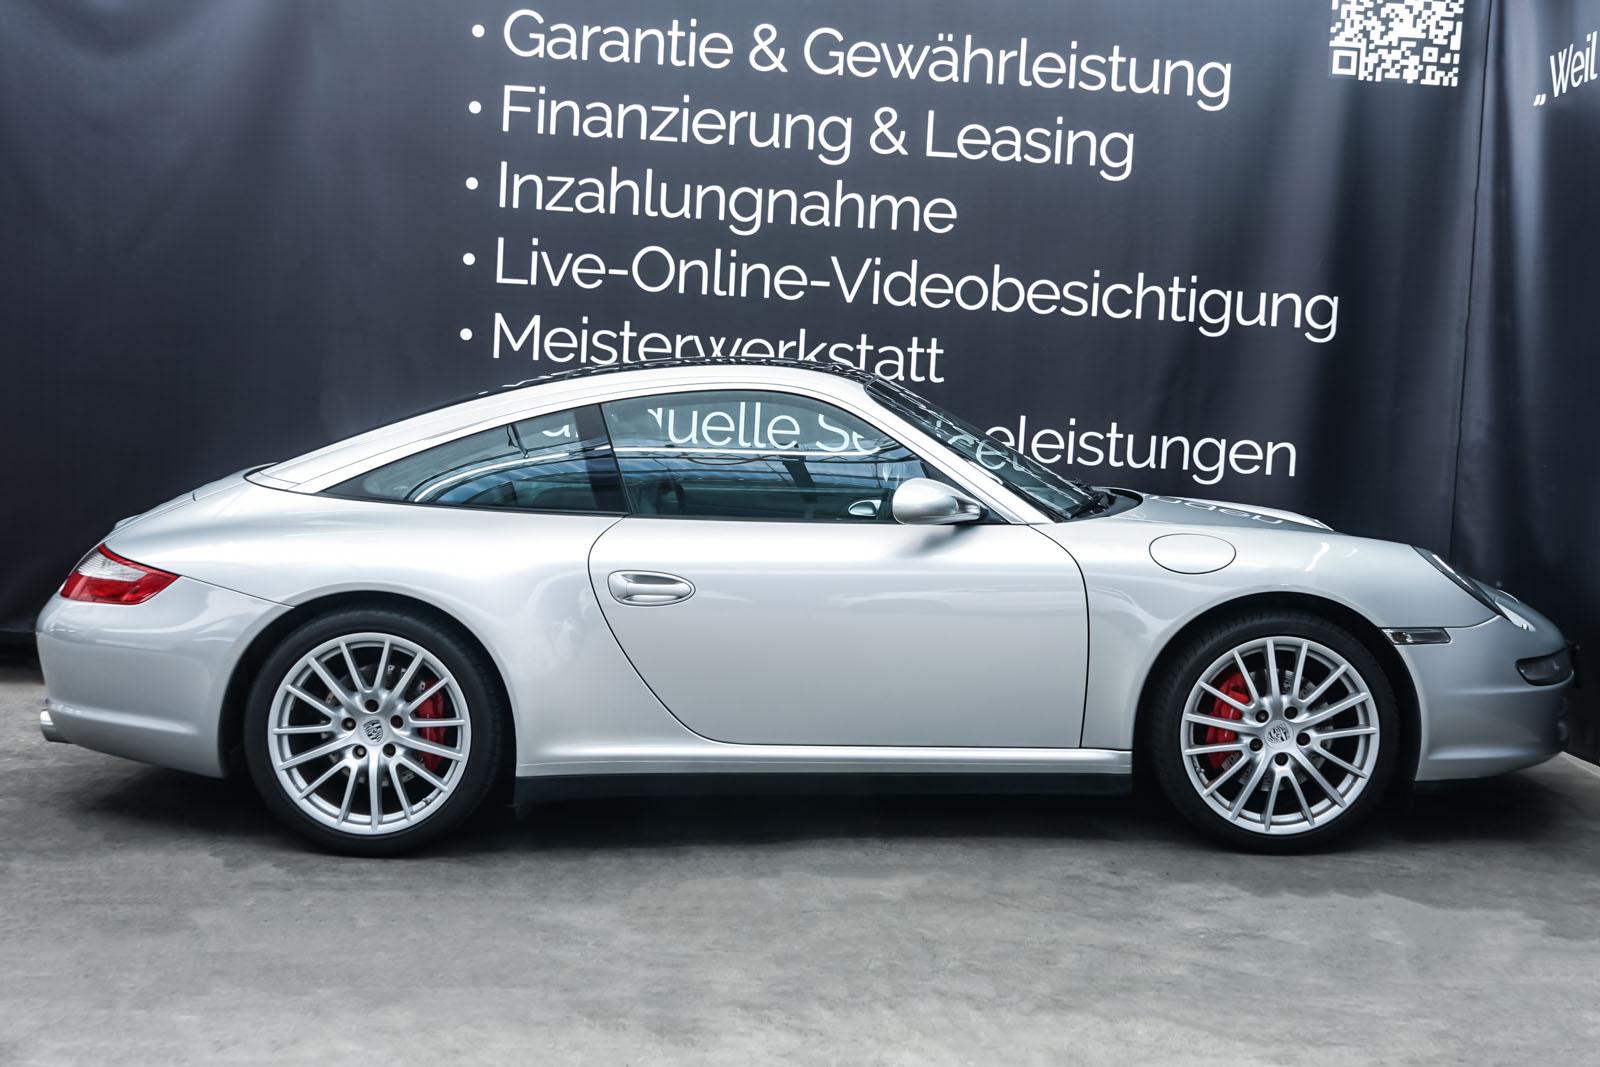 Porsche_997_Targa4s_Silber_Grau_POR-0477_16_w